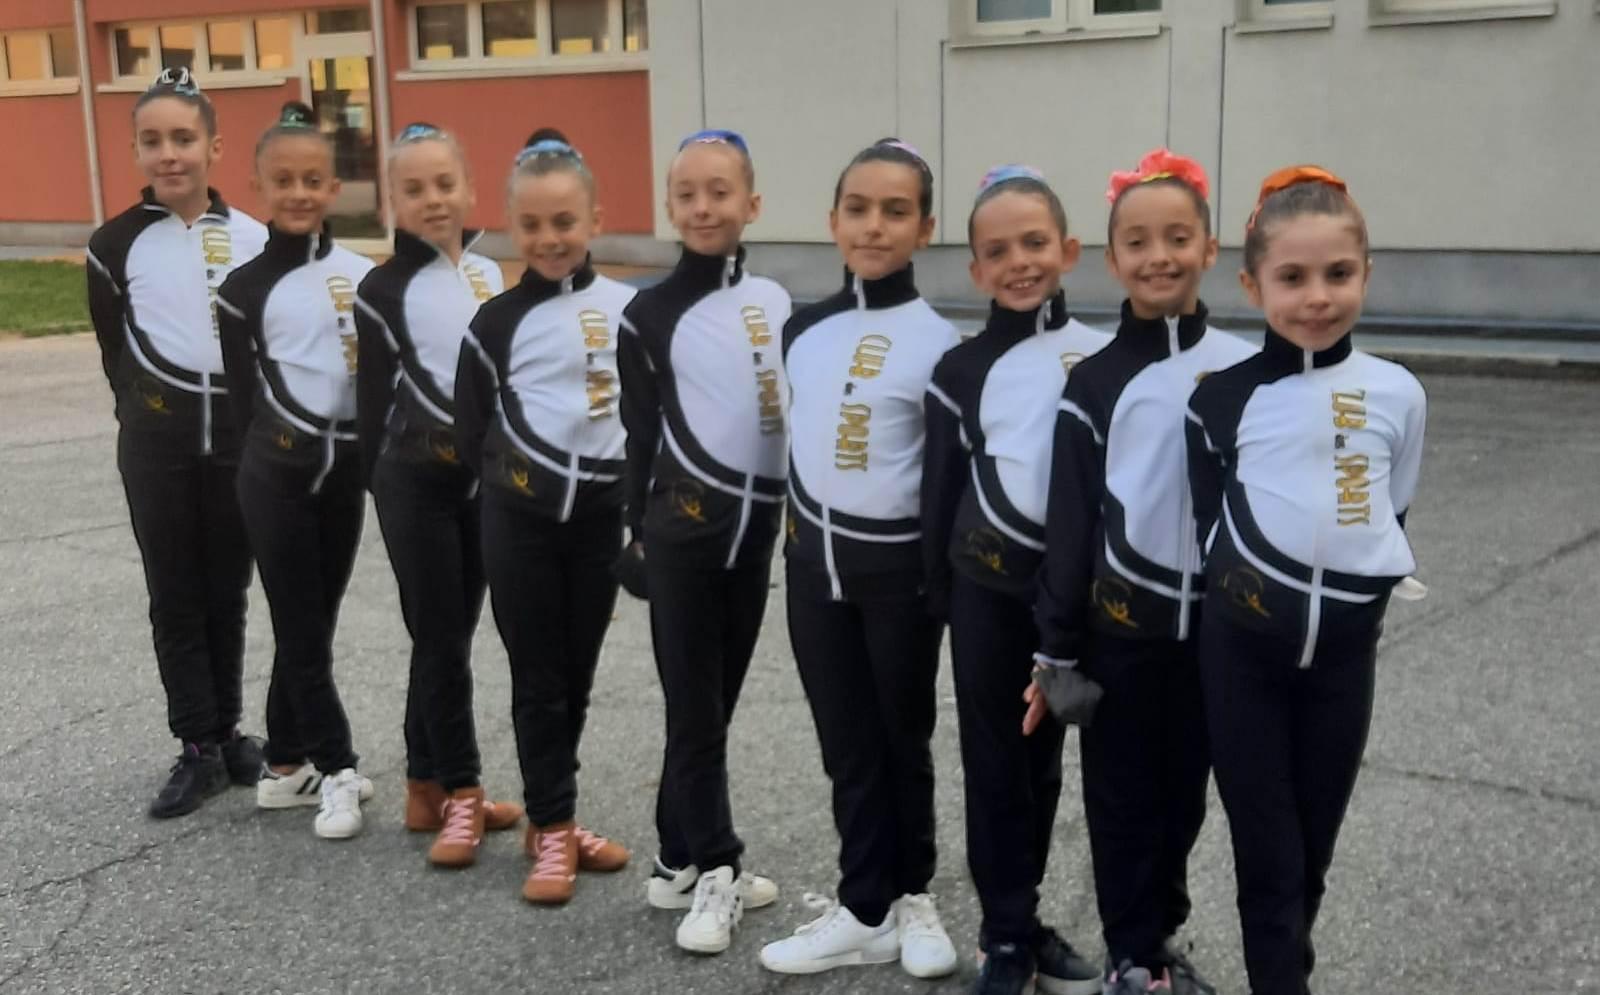 Ginnastica: Il Comitato Piemonte Valle d'Aosta festeggia 1 150 anni della Federazione